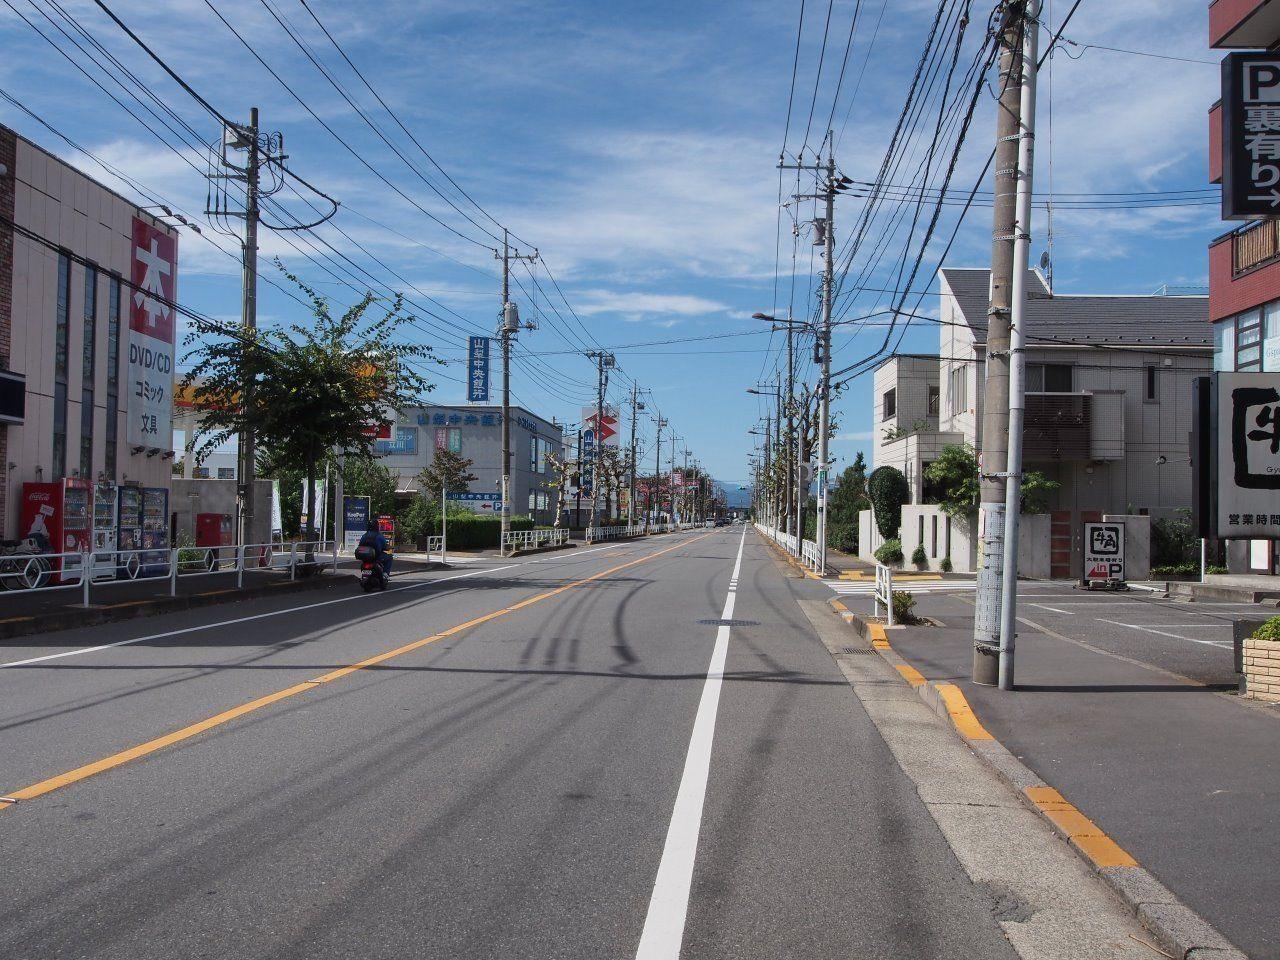 沿道には便利な商業施設が多数あります